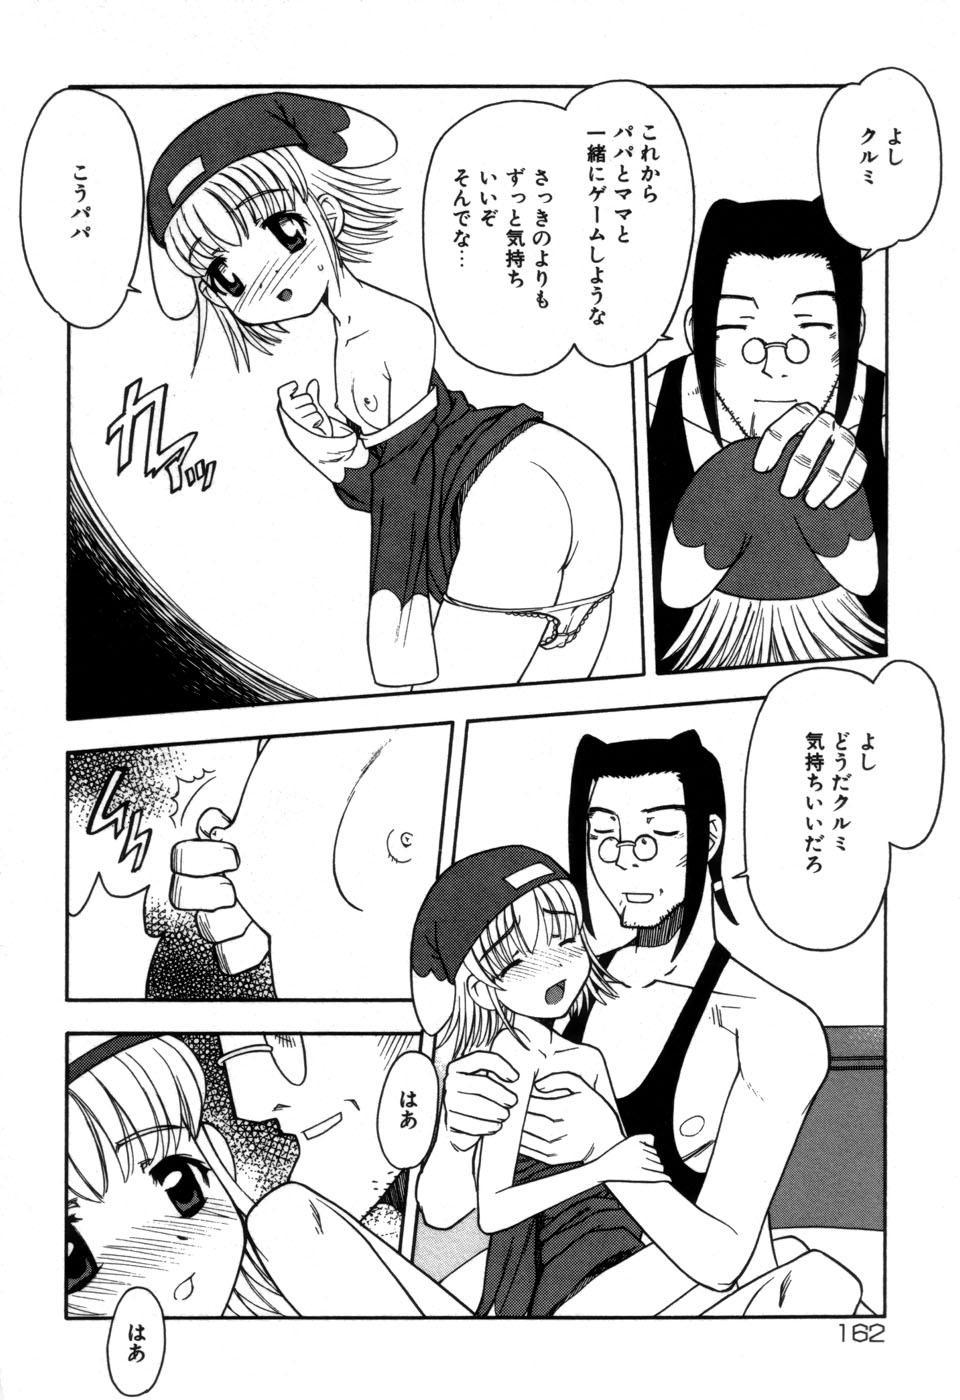 Imouto no Hiasobi 163